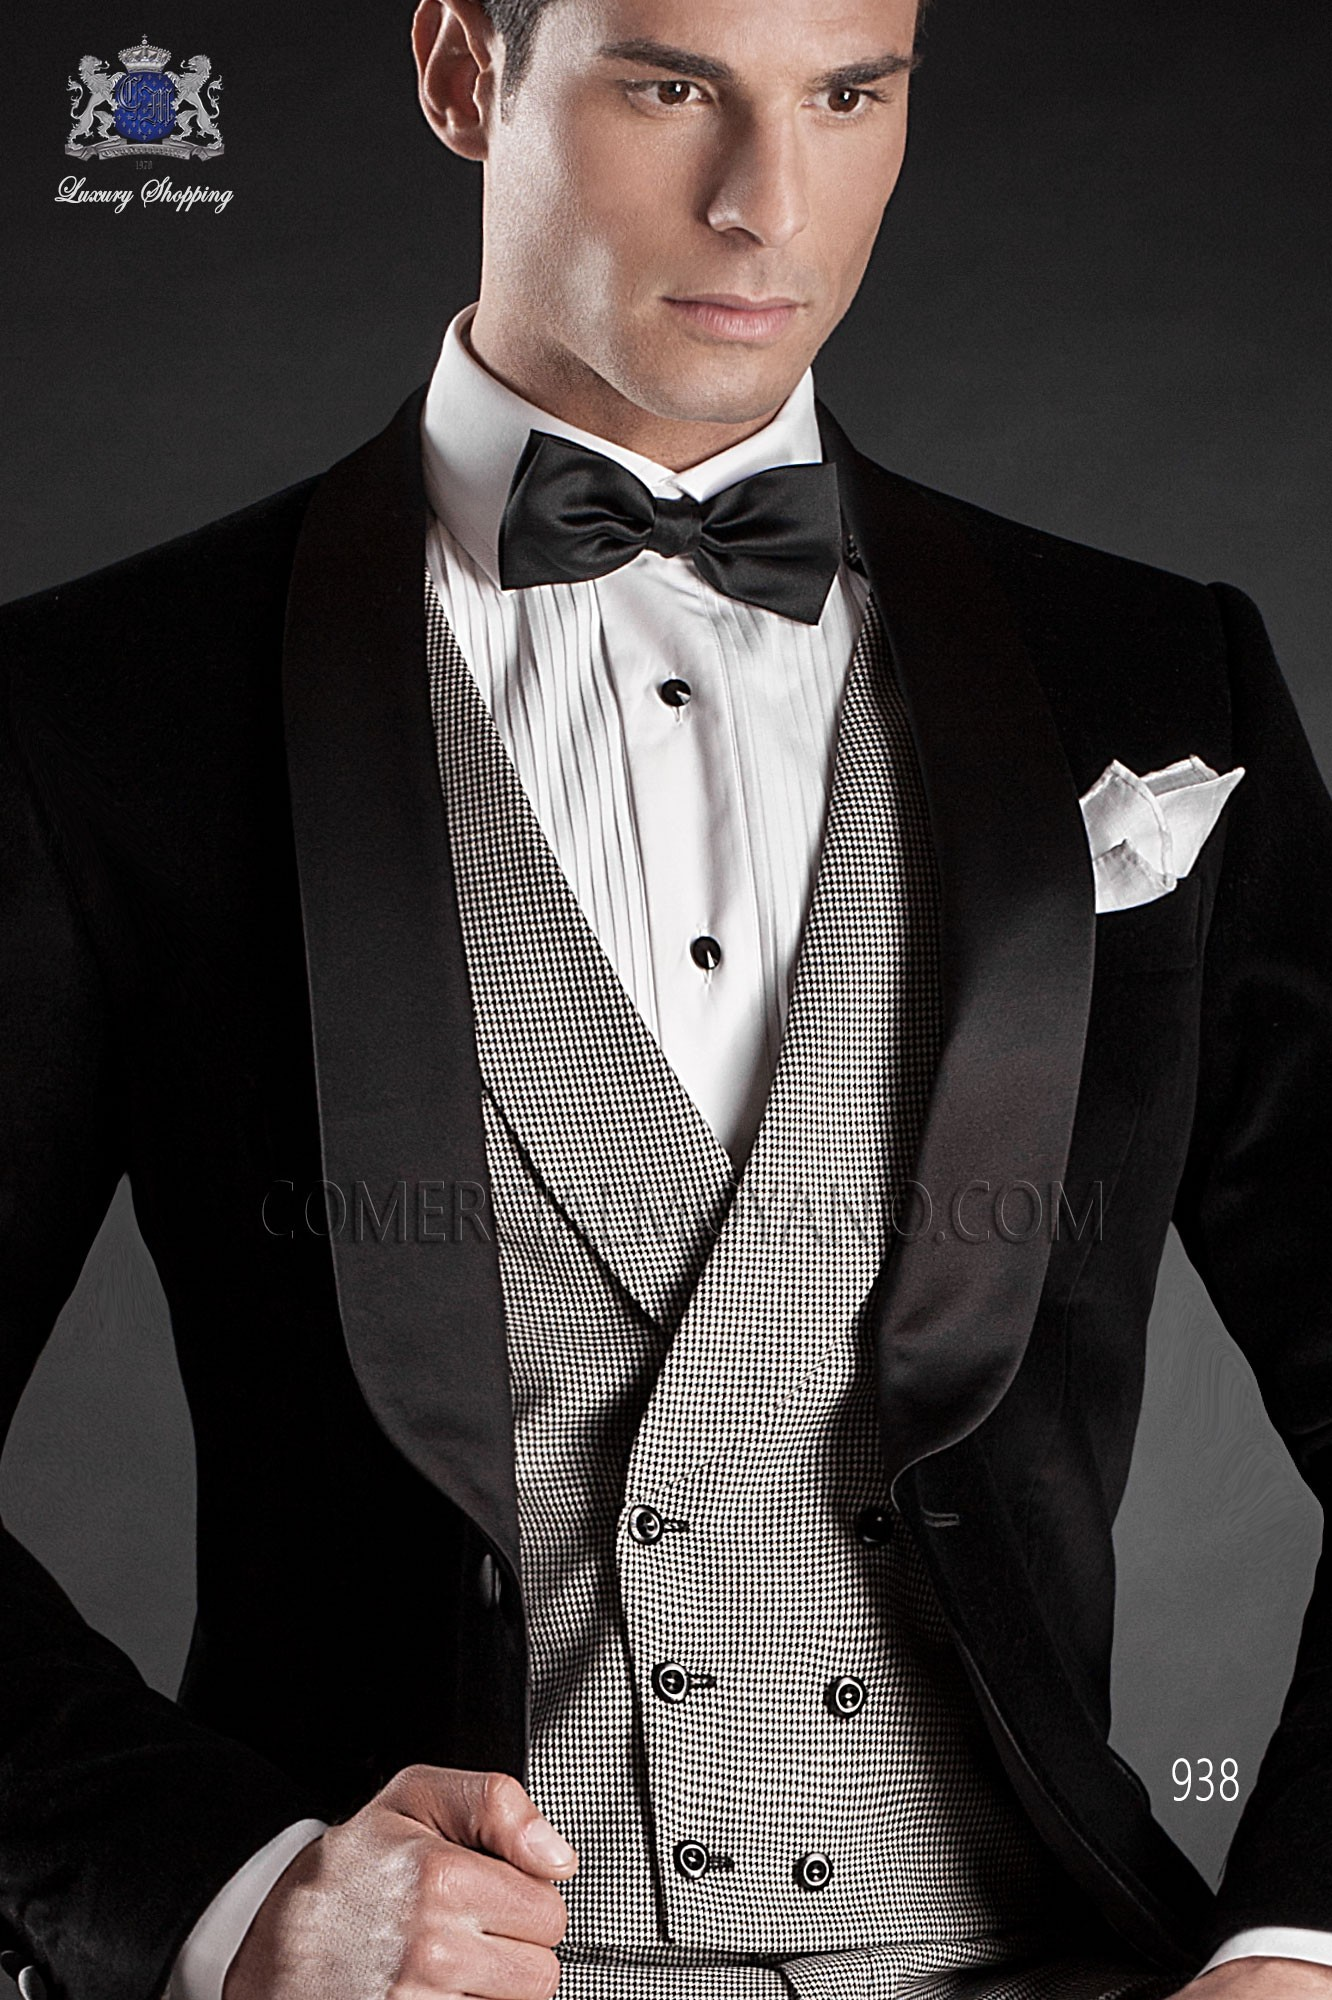 Traje BlackTie de novio negro modelo: 938 Ottavio Nuccio Gala colección Black Tie 2017